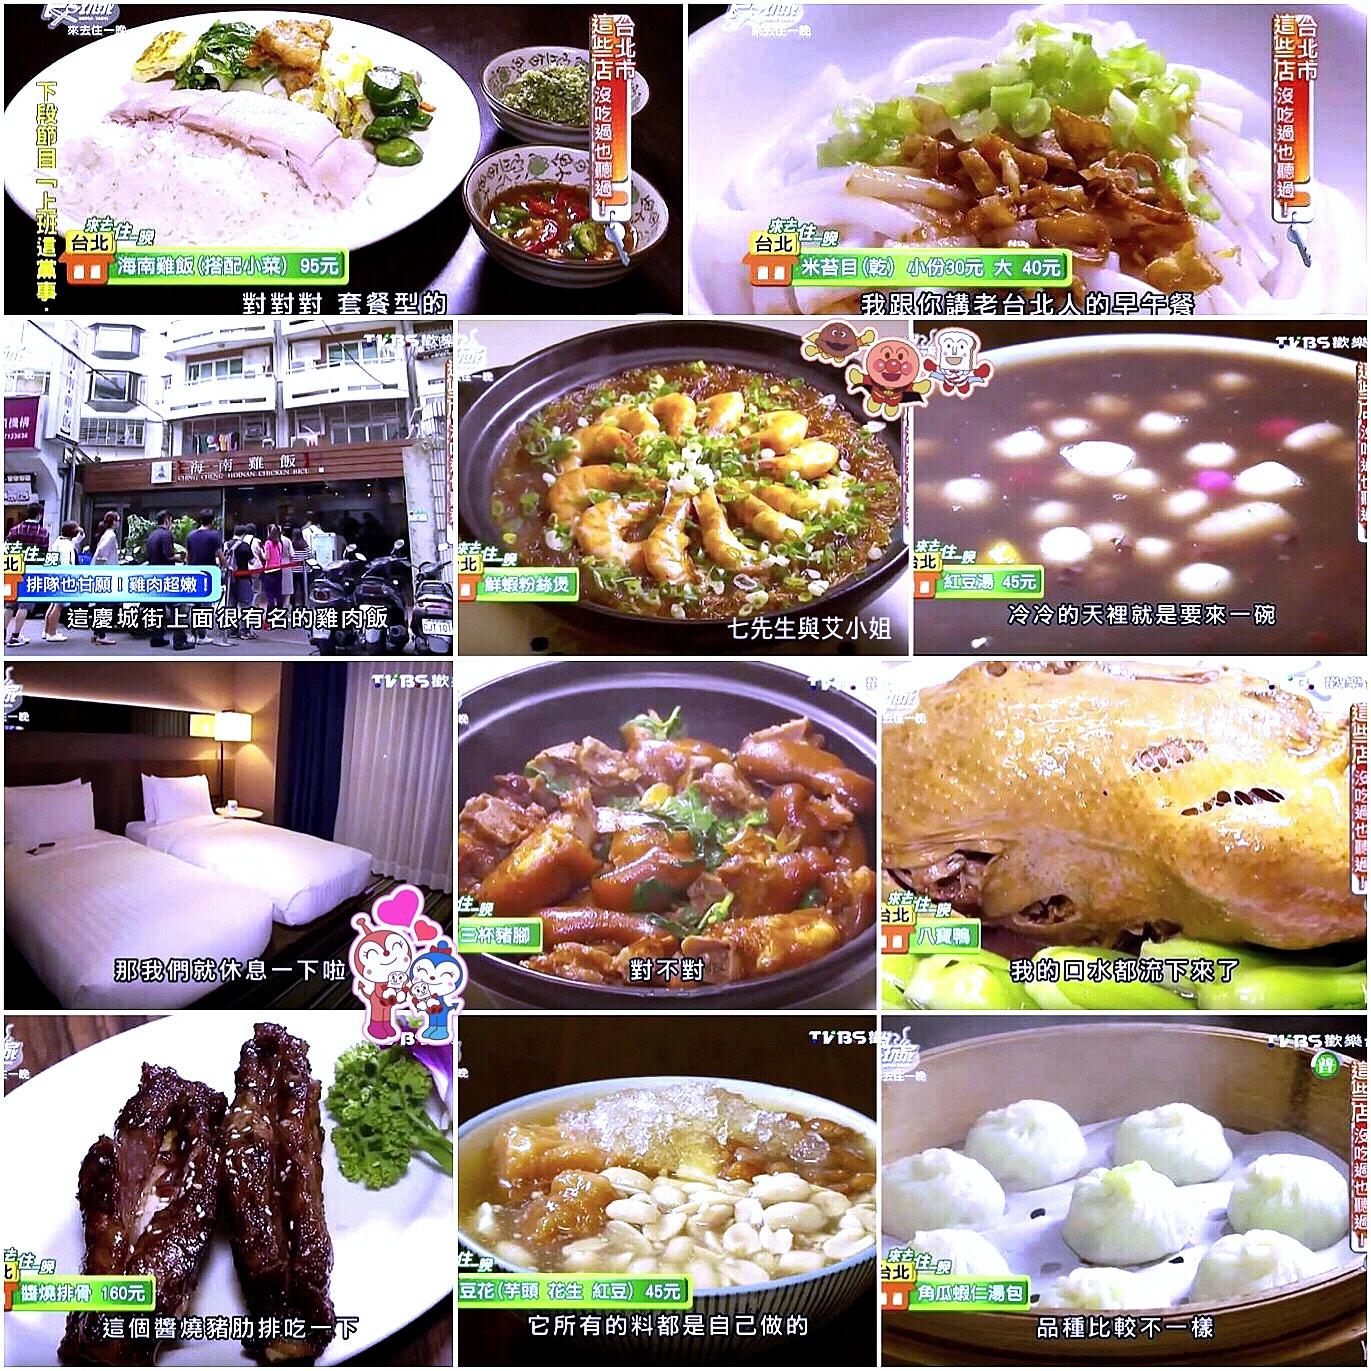 食尚玩家 來去住一晚 台北市這些店沒吃過也聽過 1